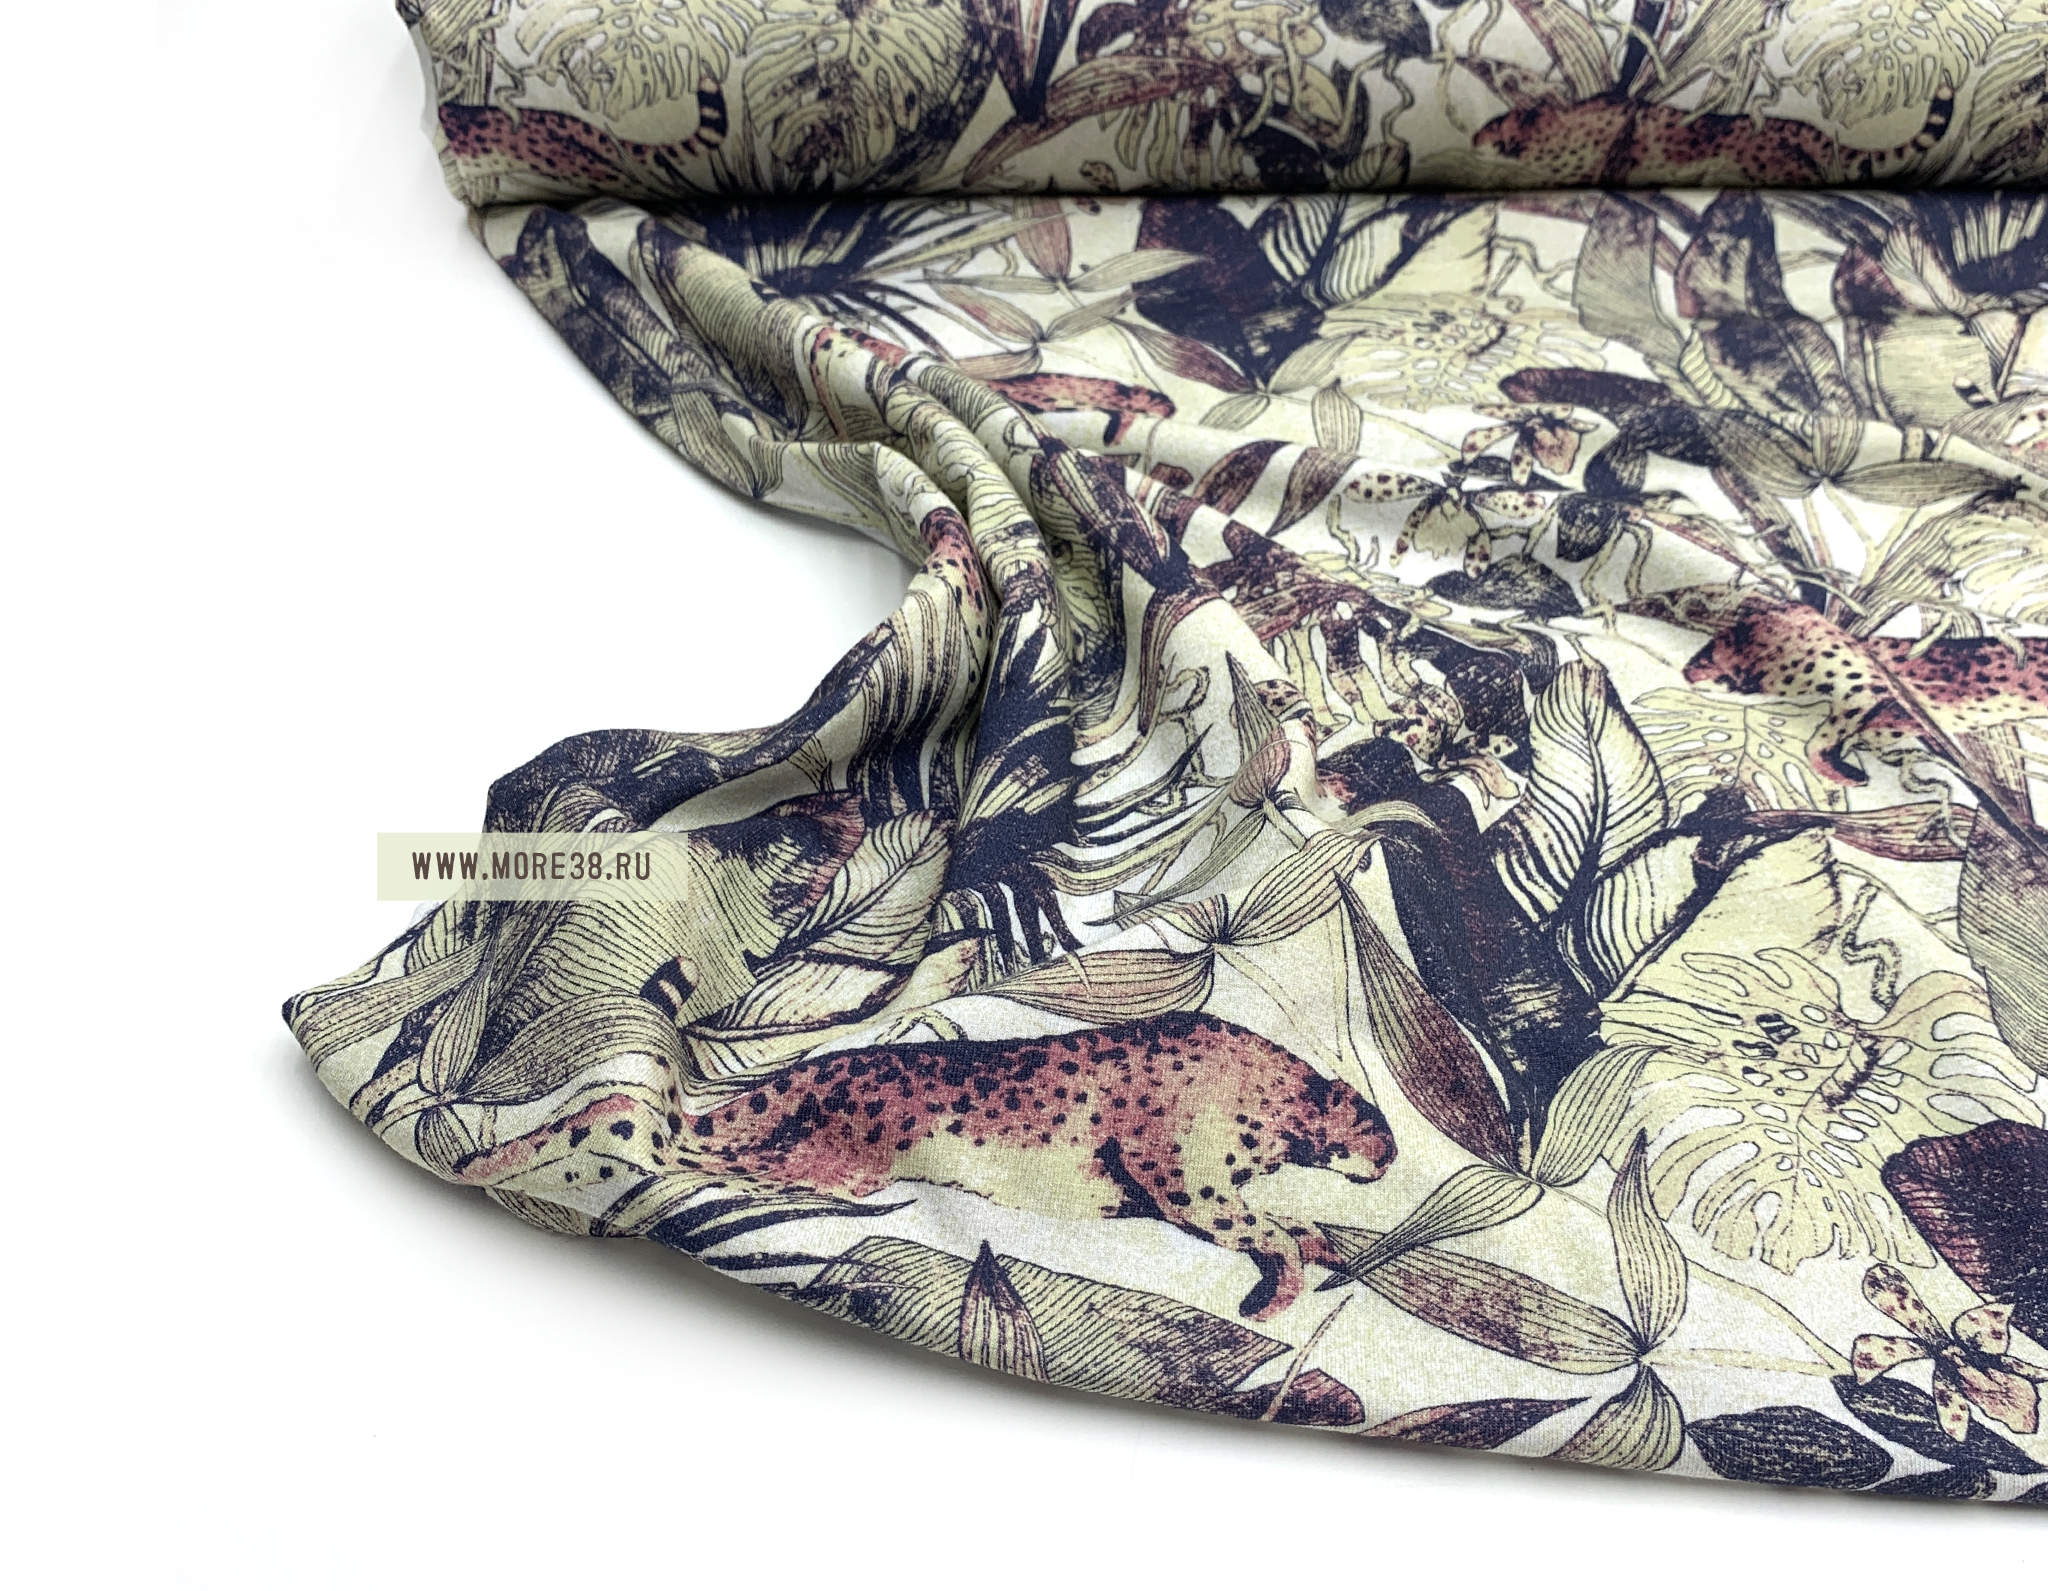 Гепарды,листья,кулирка(пенье)